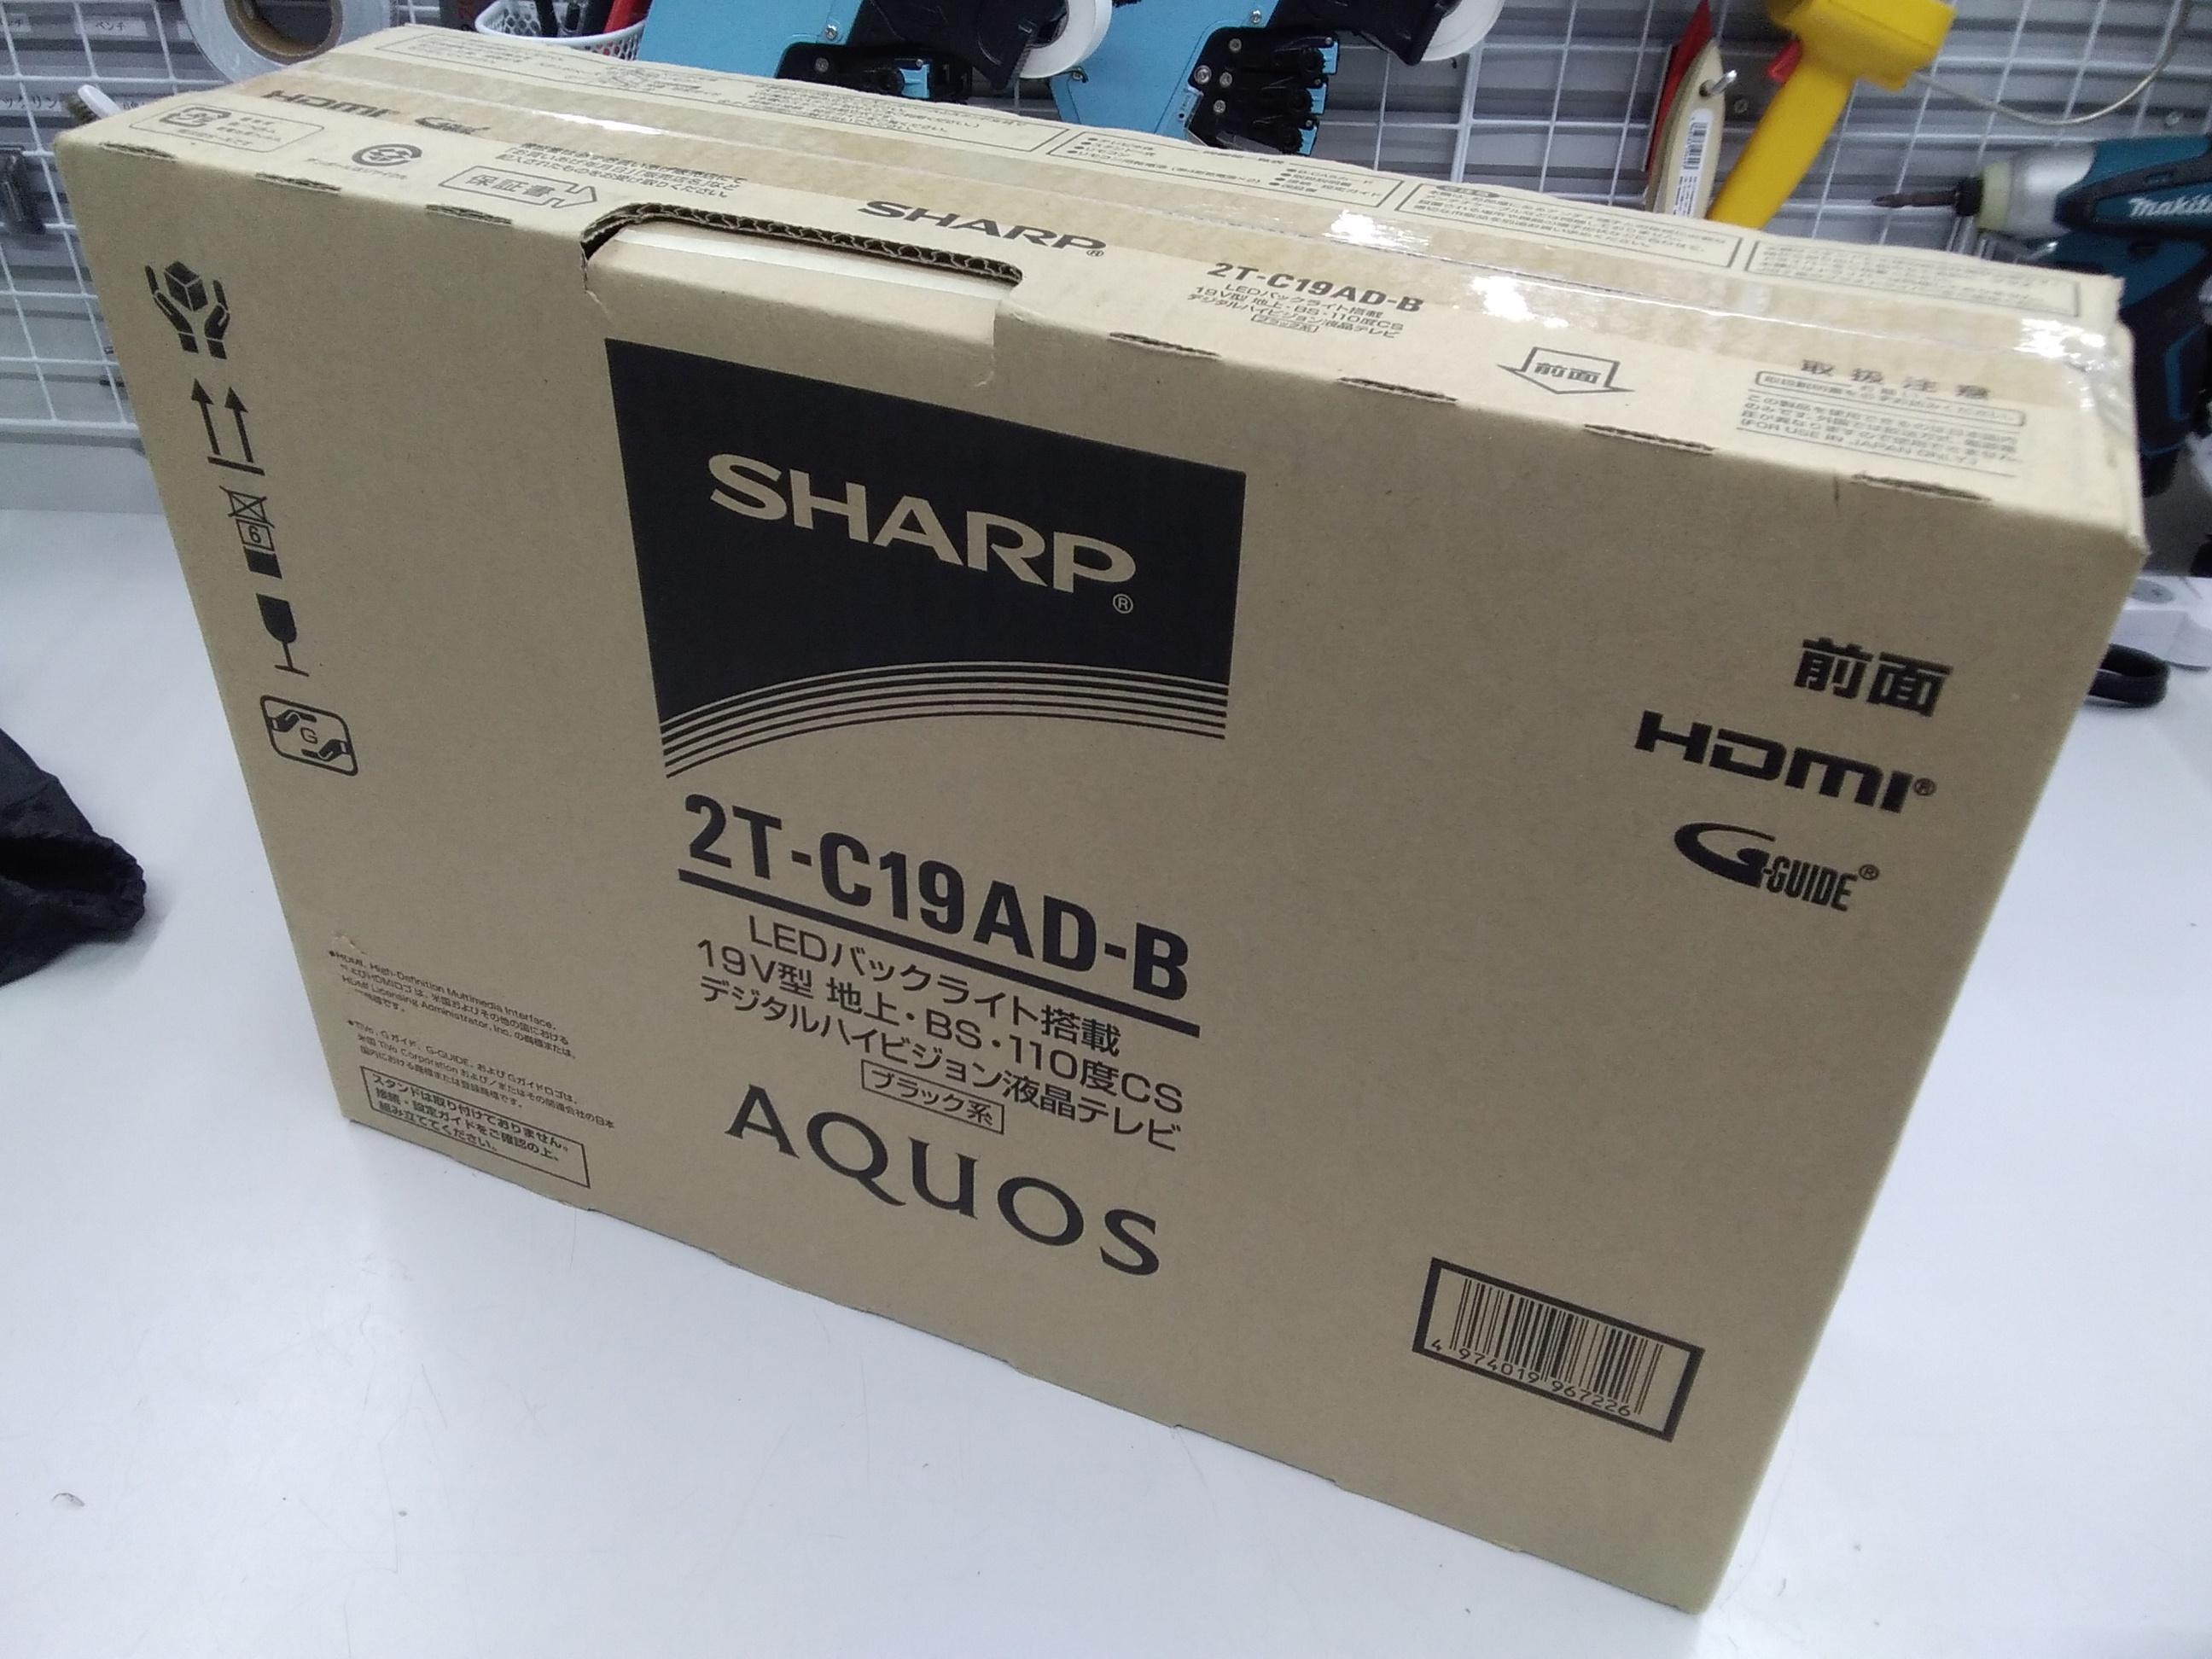 (未開封)2T-C19AD-B/液晶テレビ|SHARP